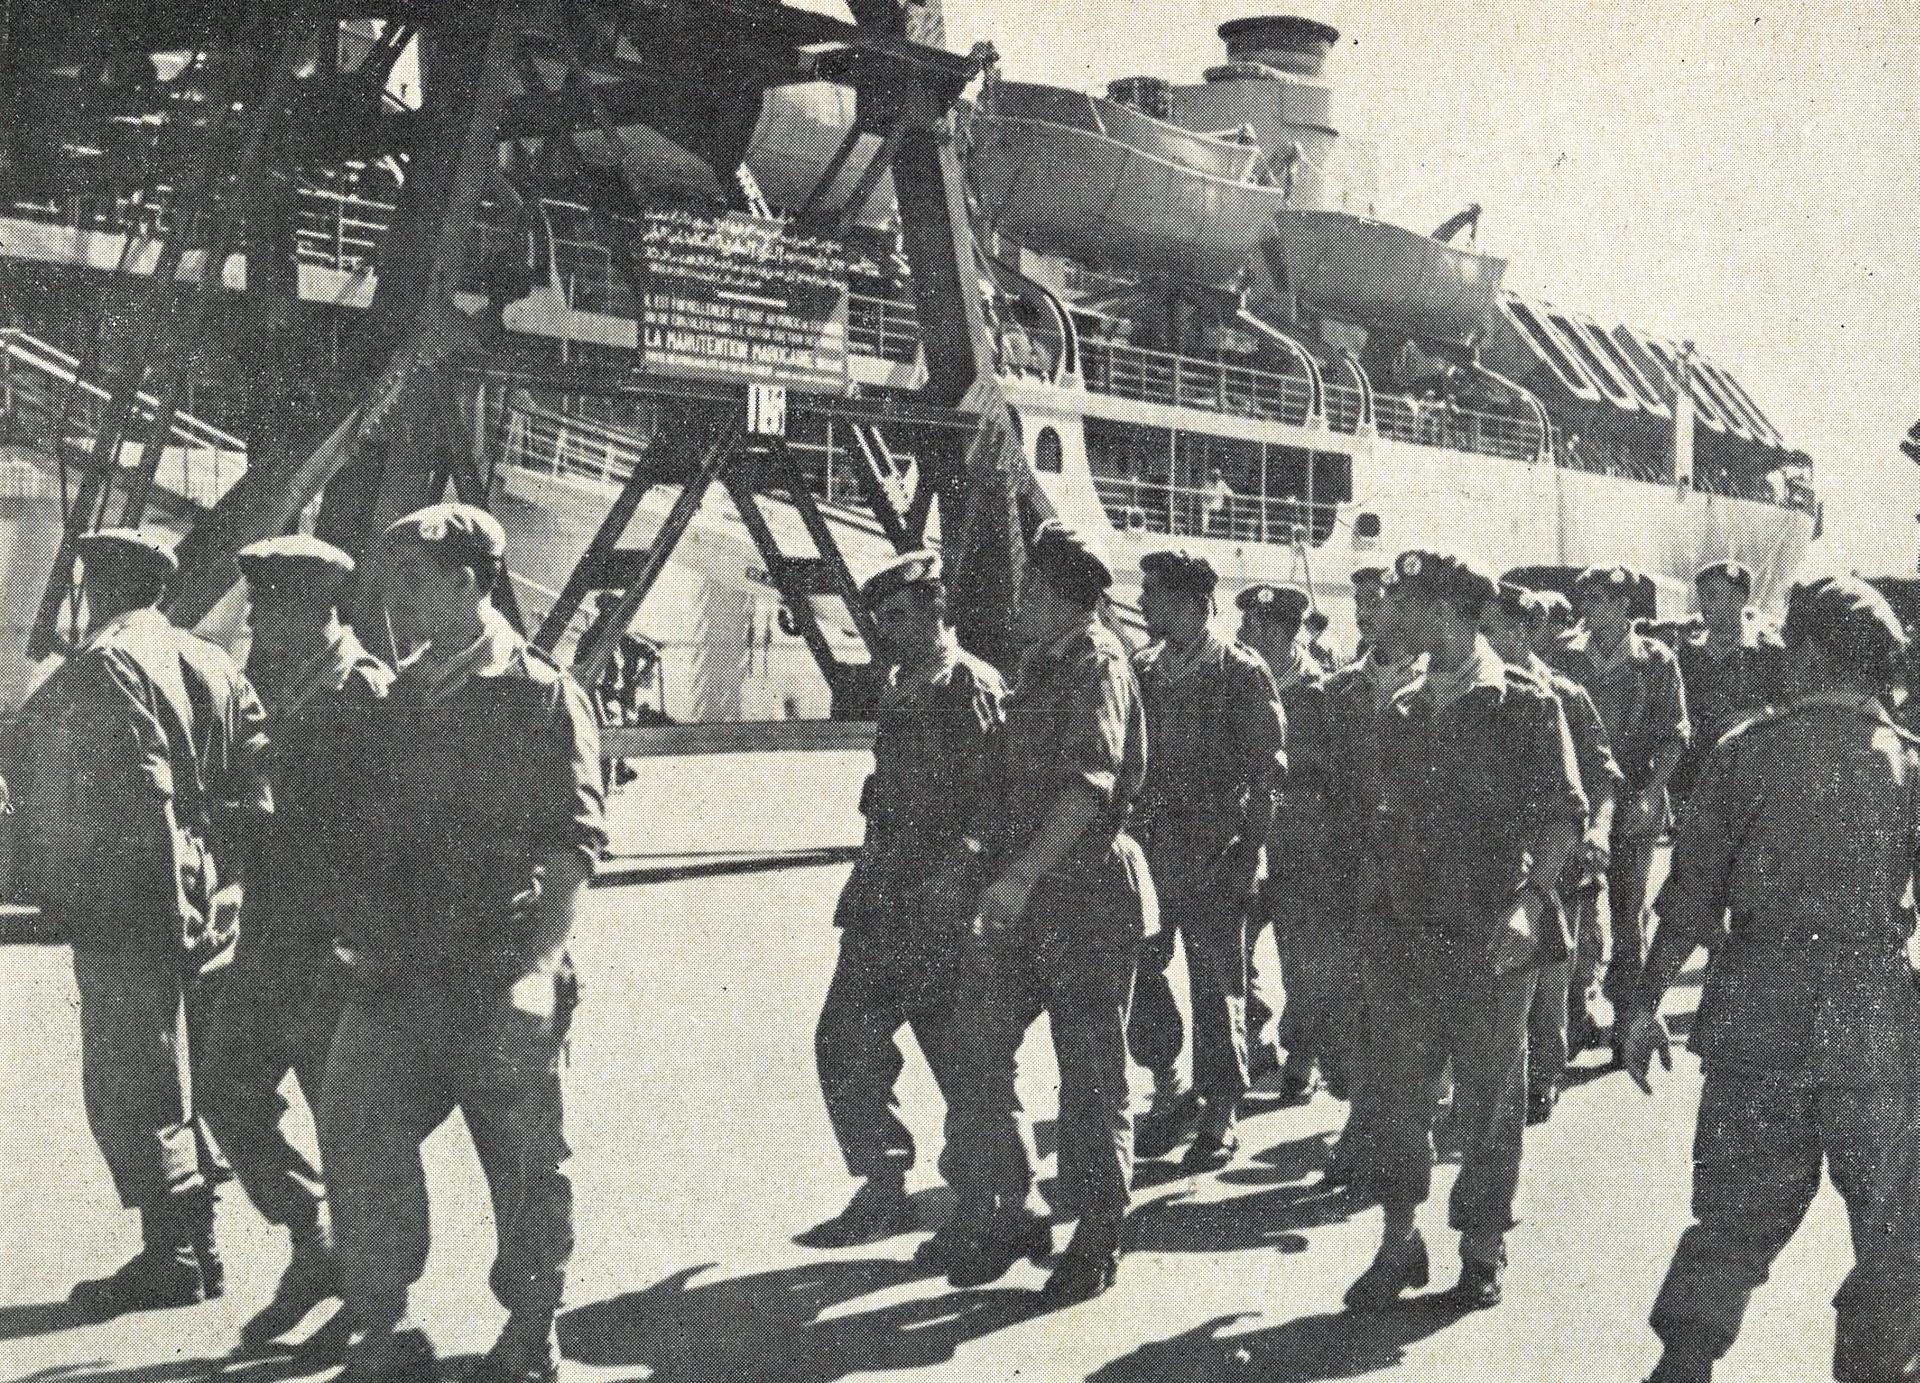 Les Forces Armées Royales au Congo - ONUC - 1960/61 32226514981_fa5eab6a4e_o